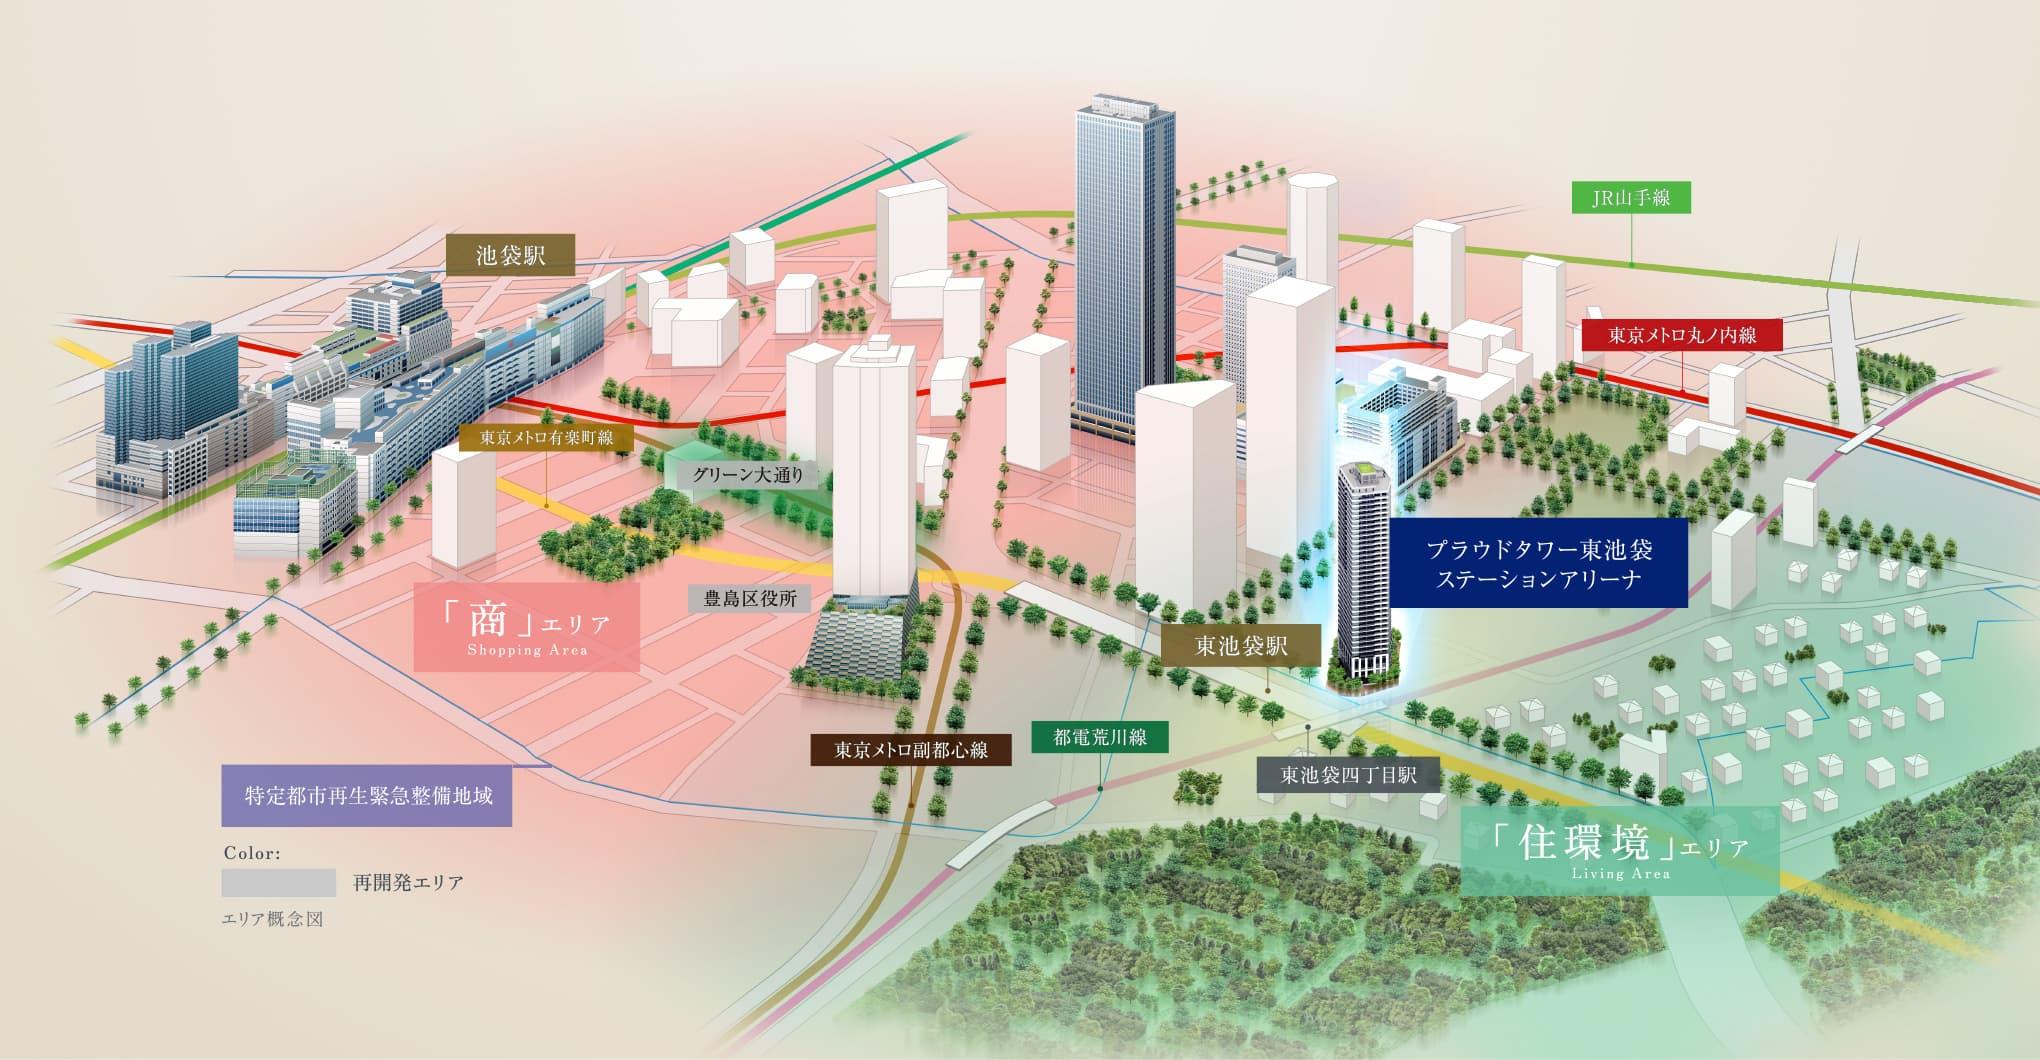 プラウドタワー東池袋ステーションアリーナの周辺環境(再開発)